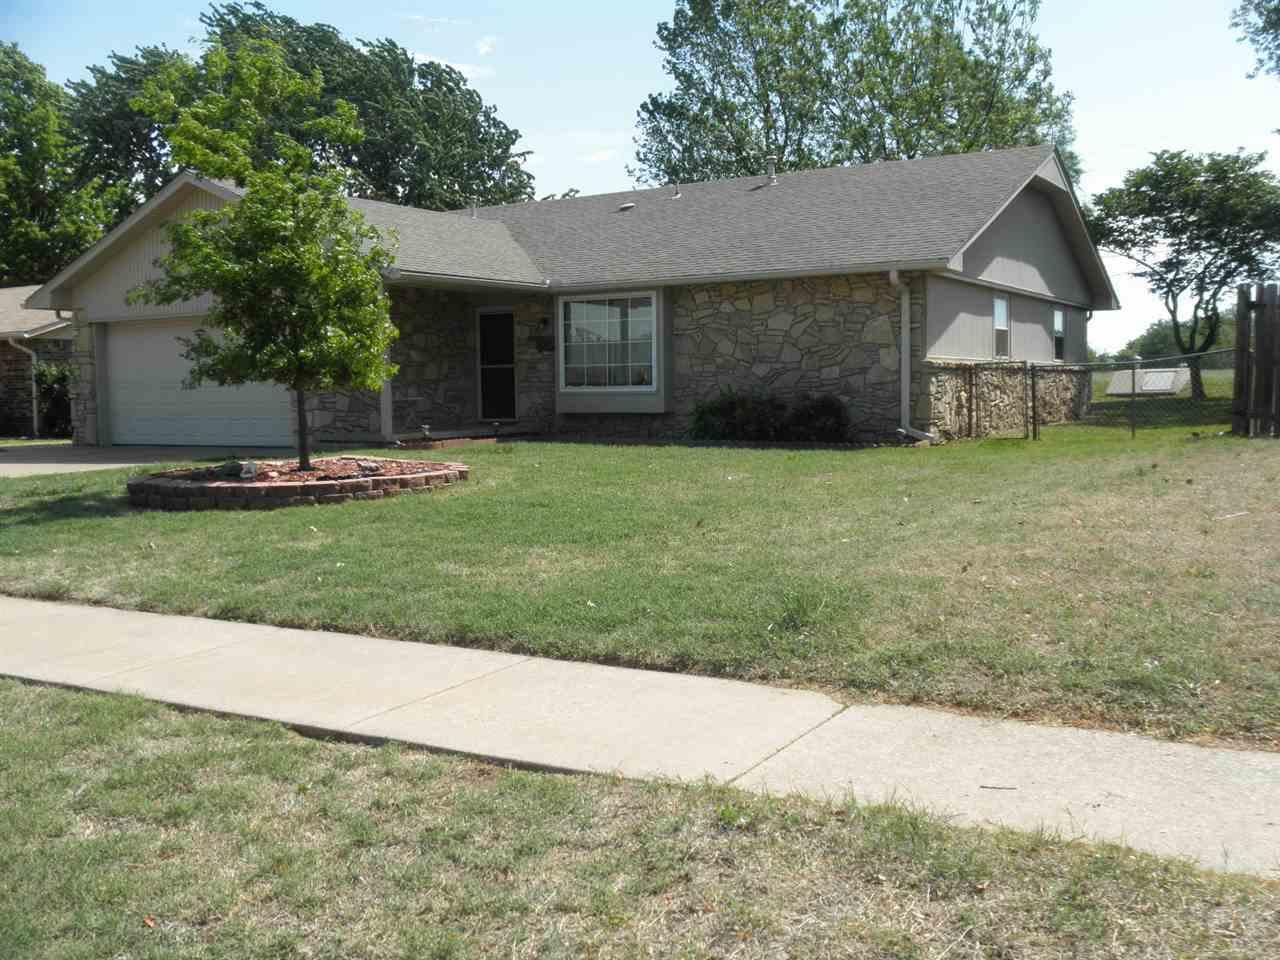 Sold Intraoffice W/MLS | 3401 El Camino  Ponca City, OK 74604 2